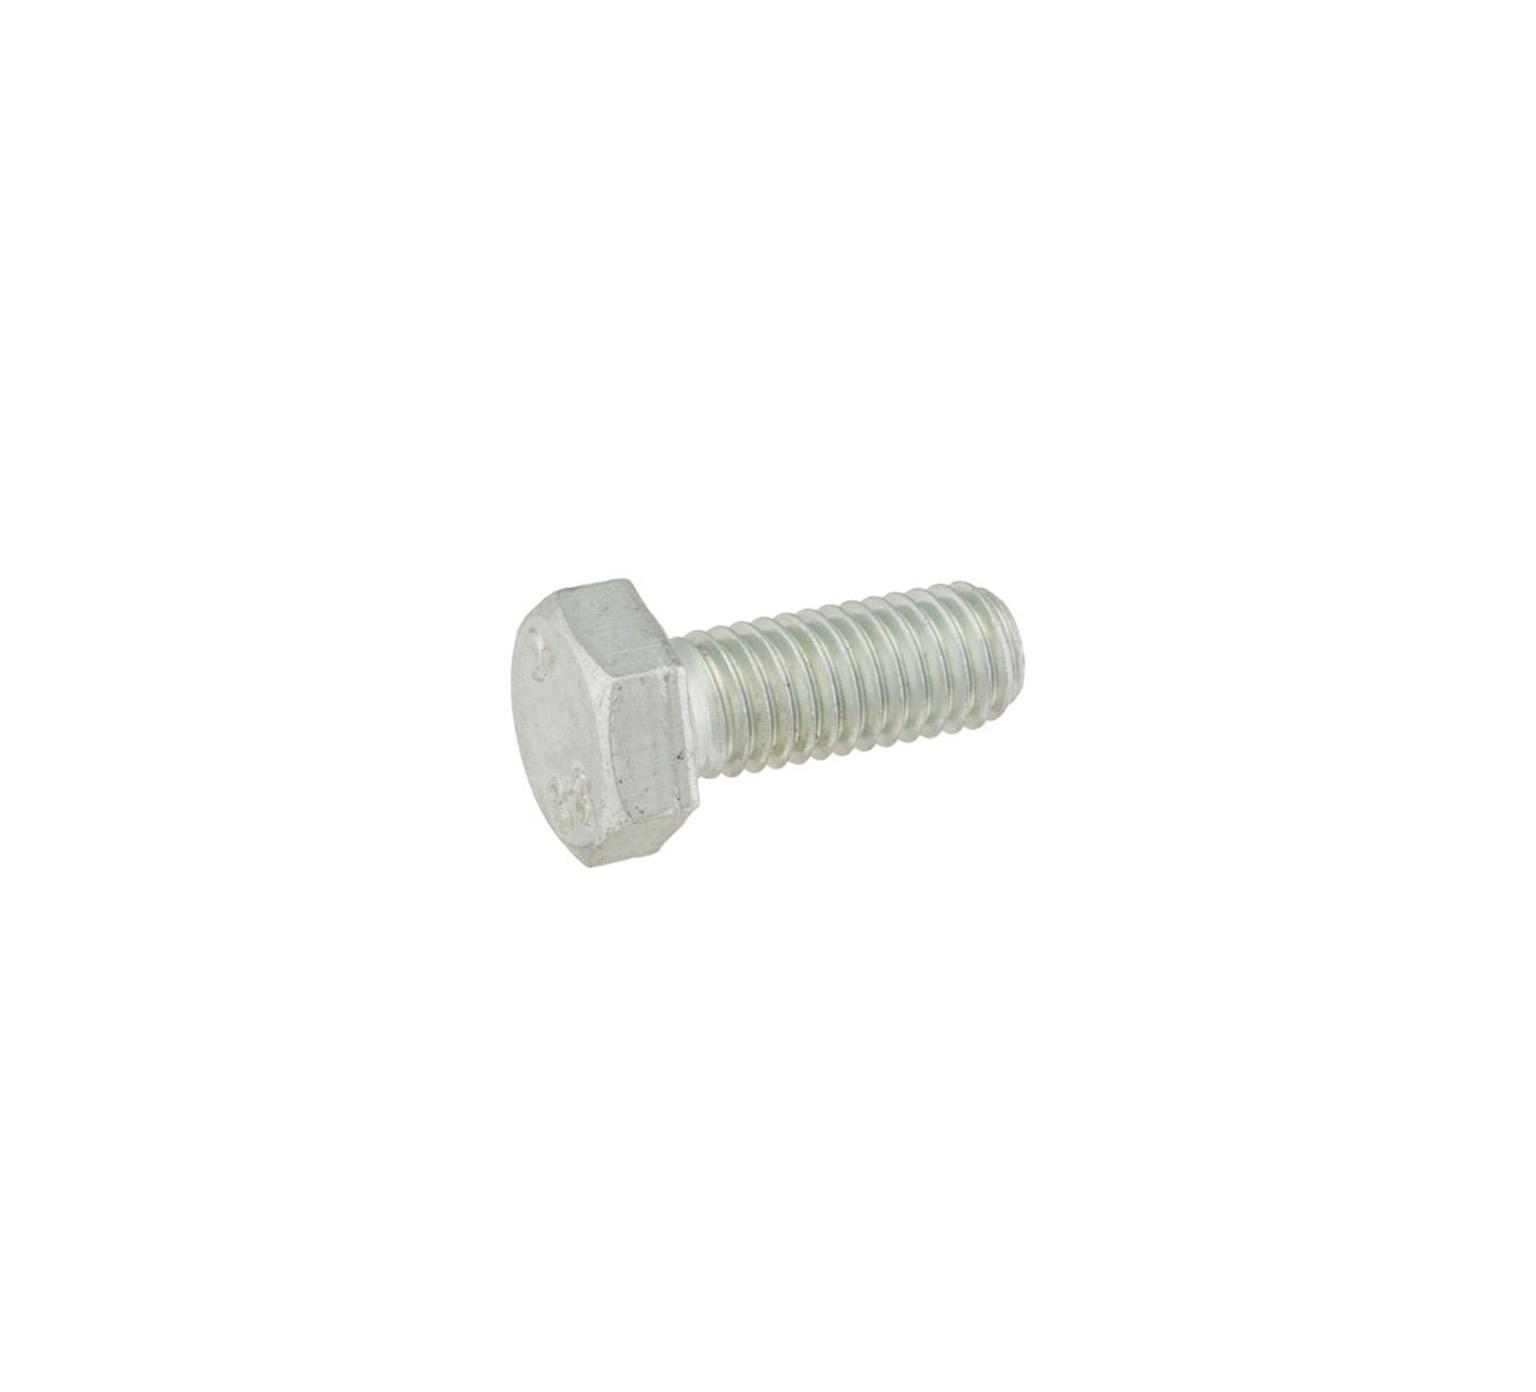 16931 Steel Hex Flat Screw - M8 Thread x 0.75 in alt 1